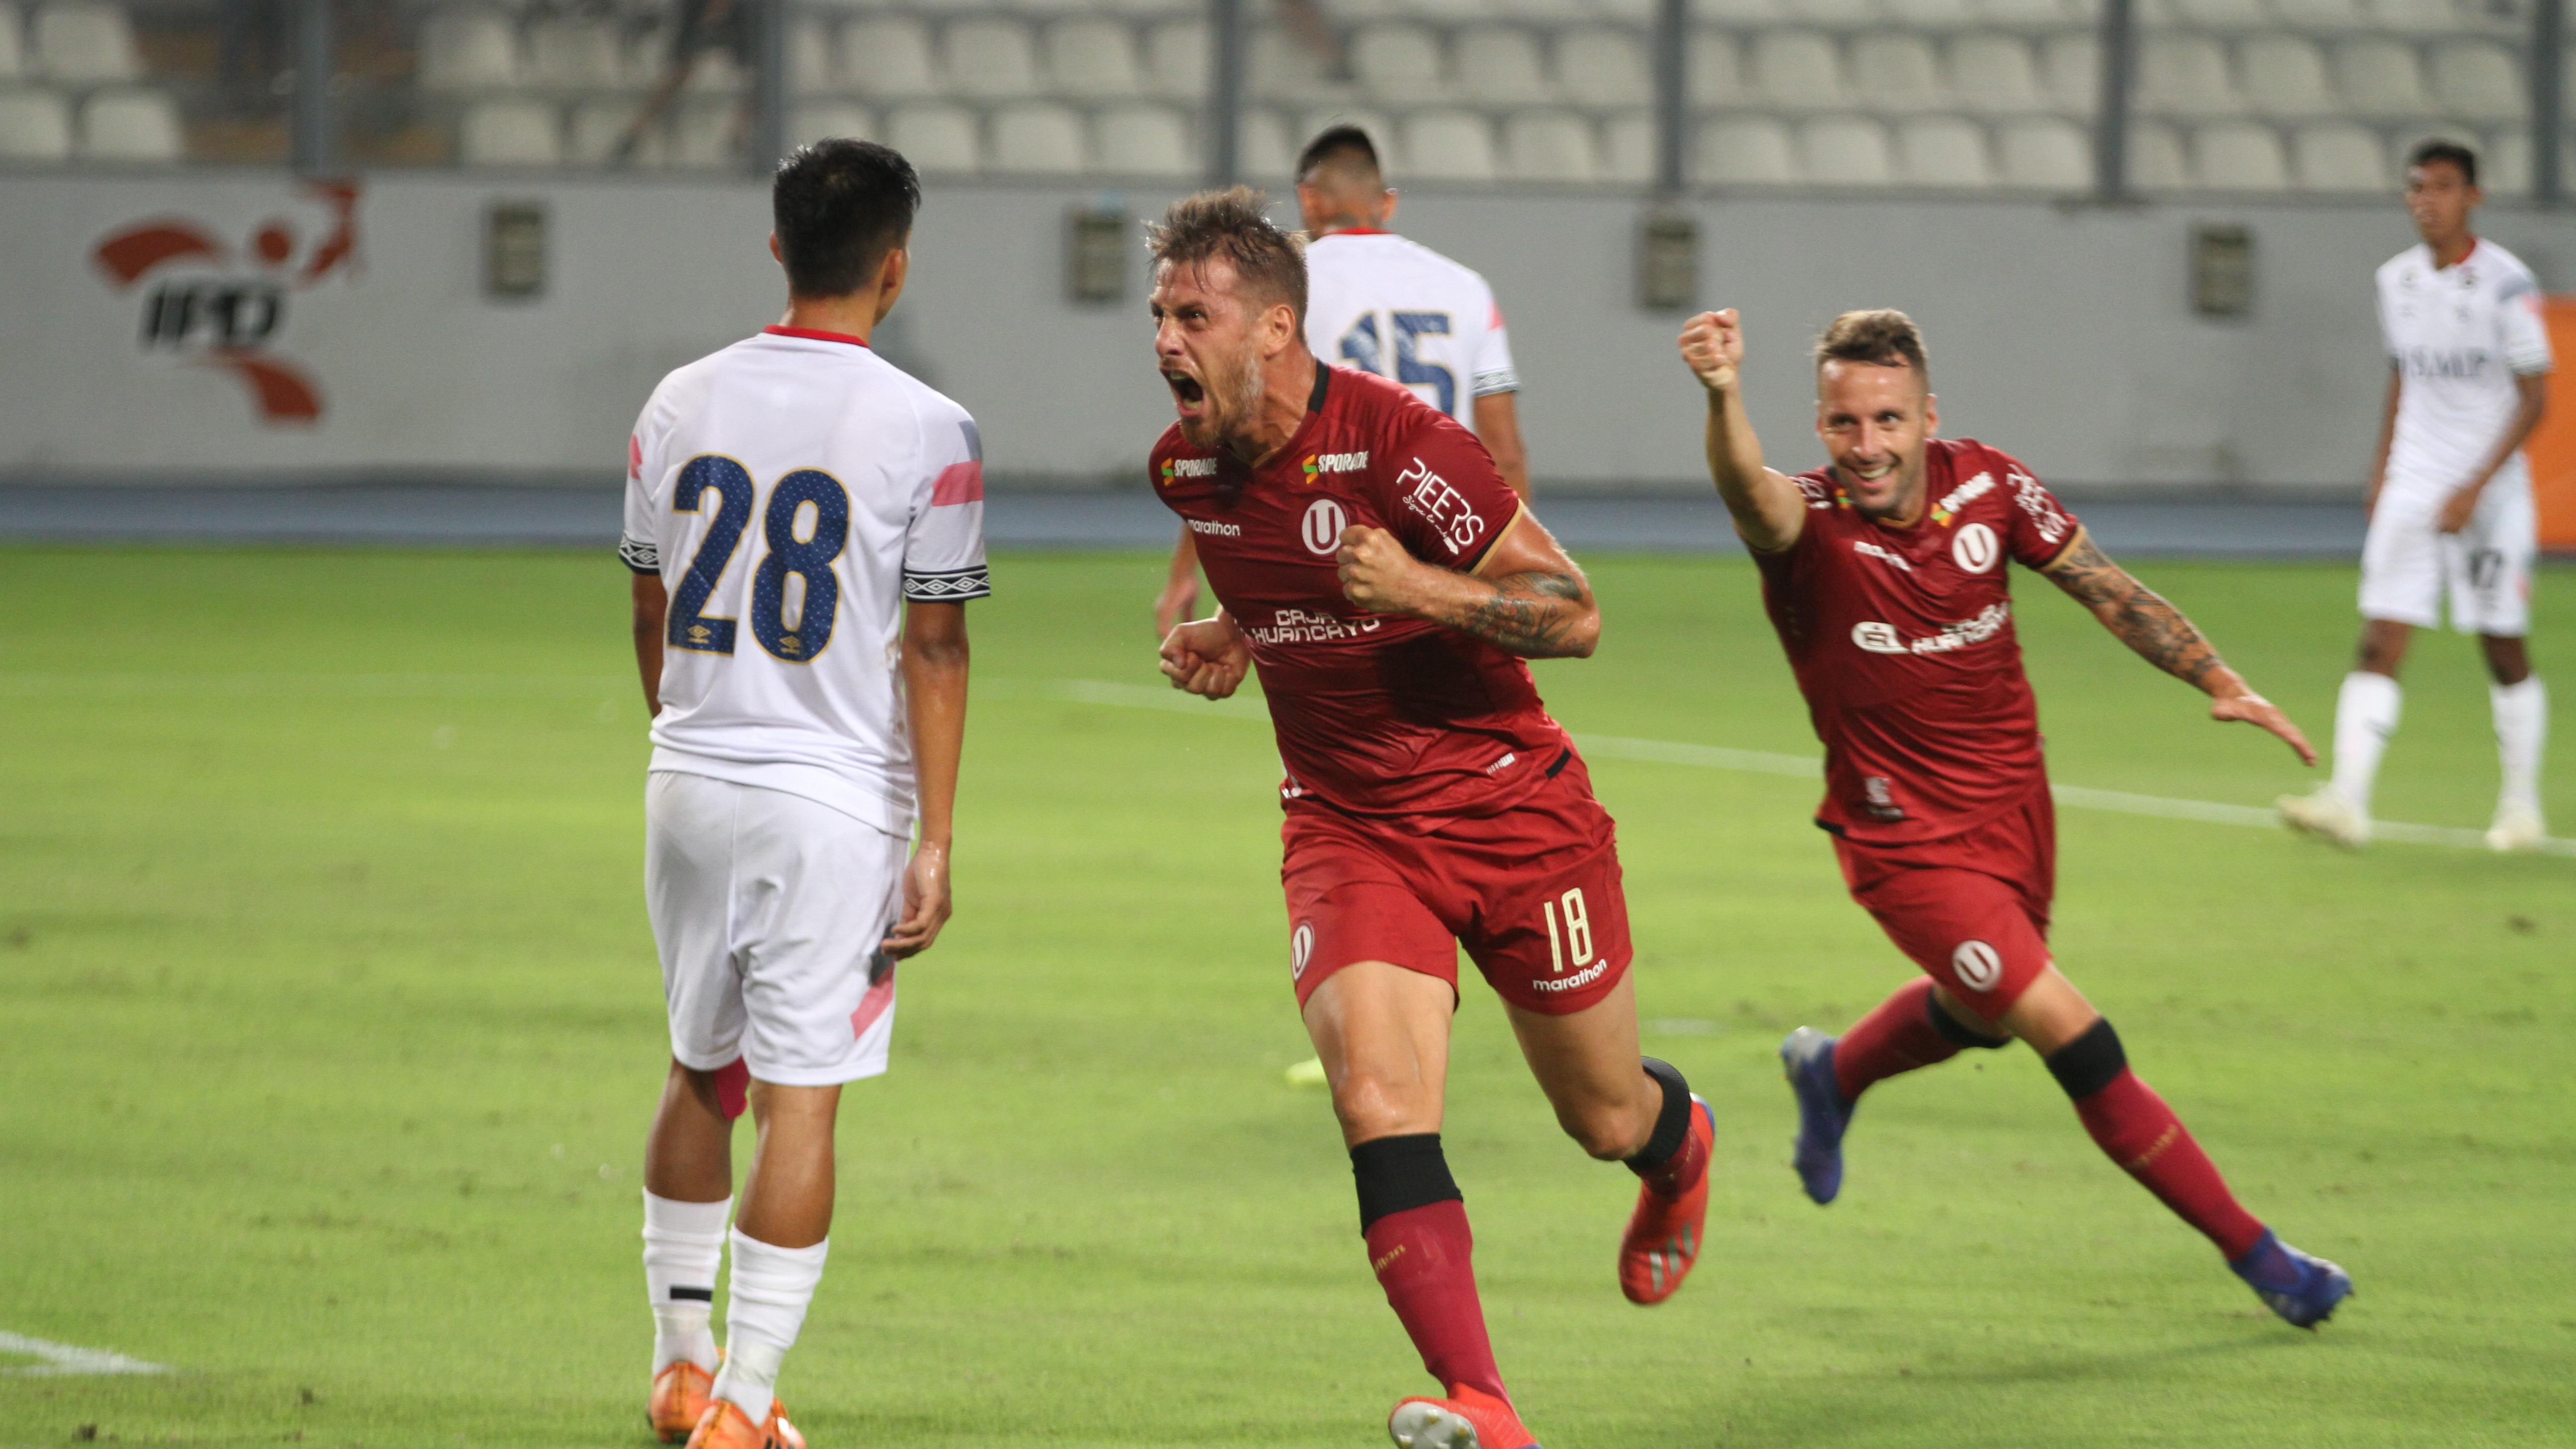 Germán Denis ya tiene cuatro goles la presenta temporada